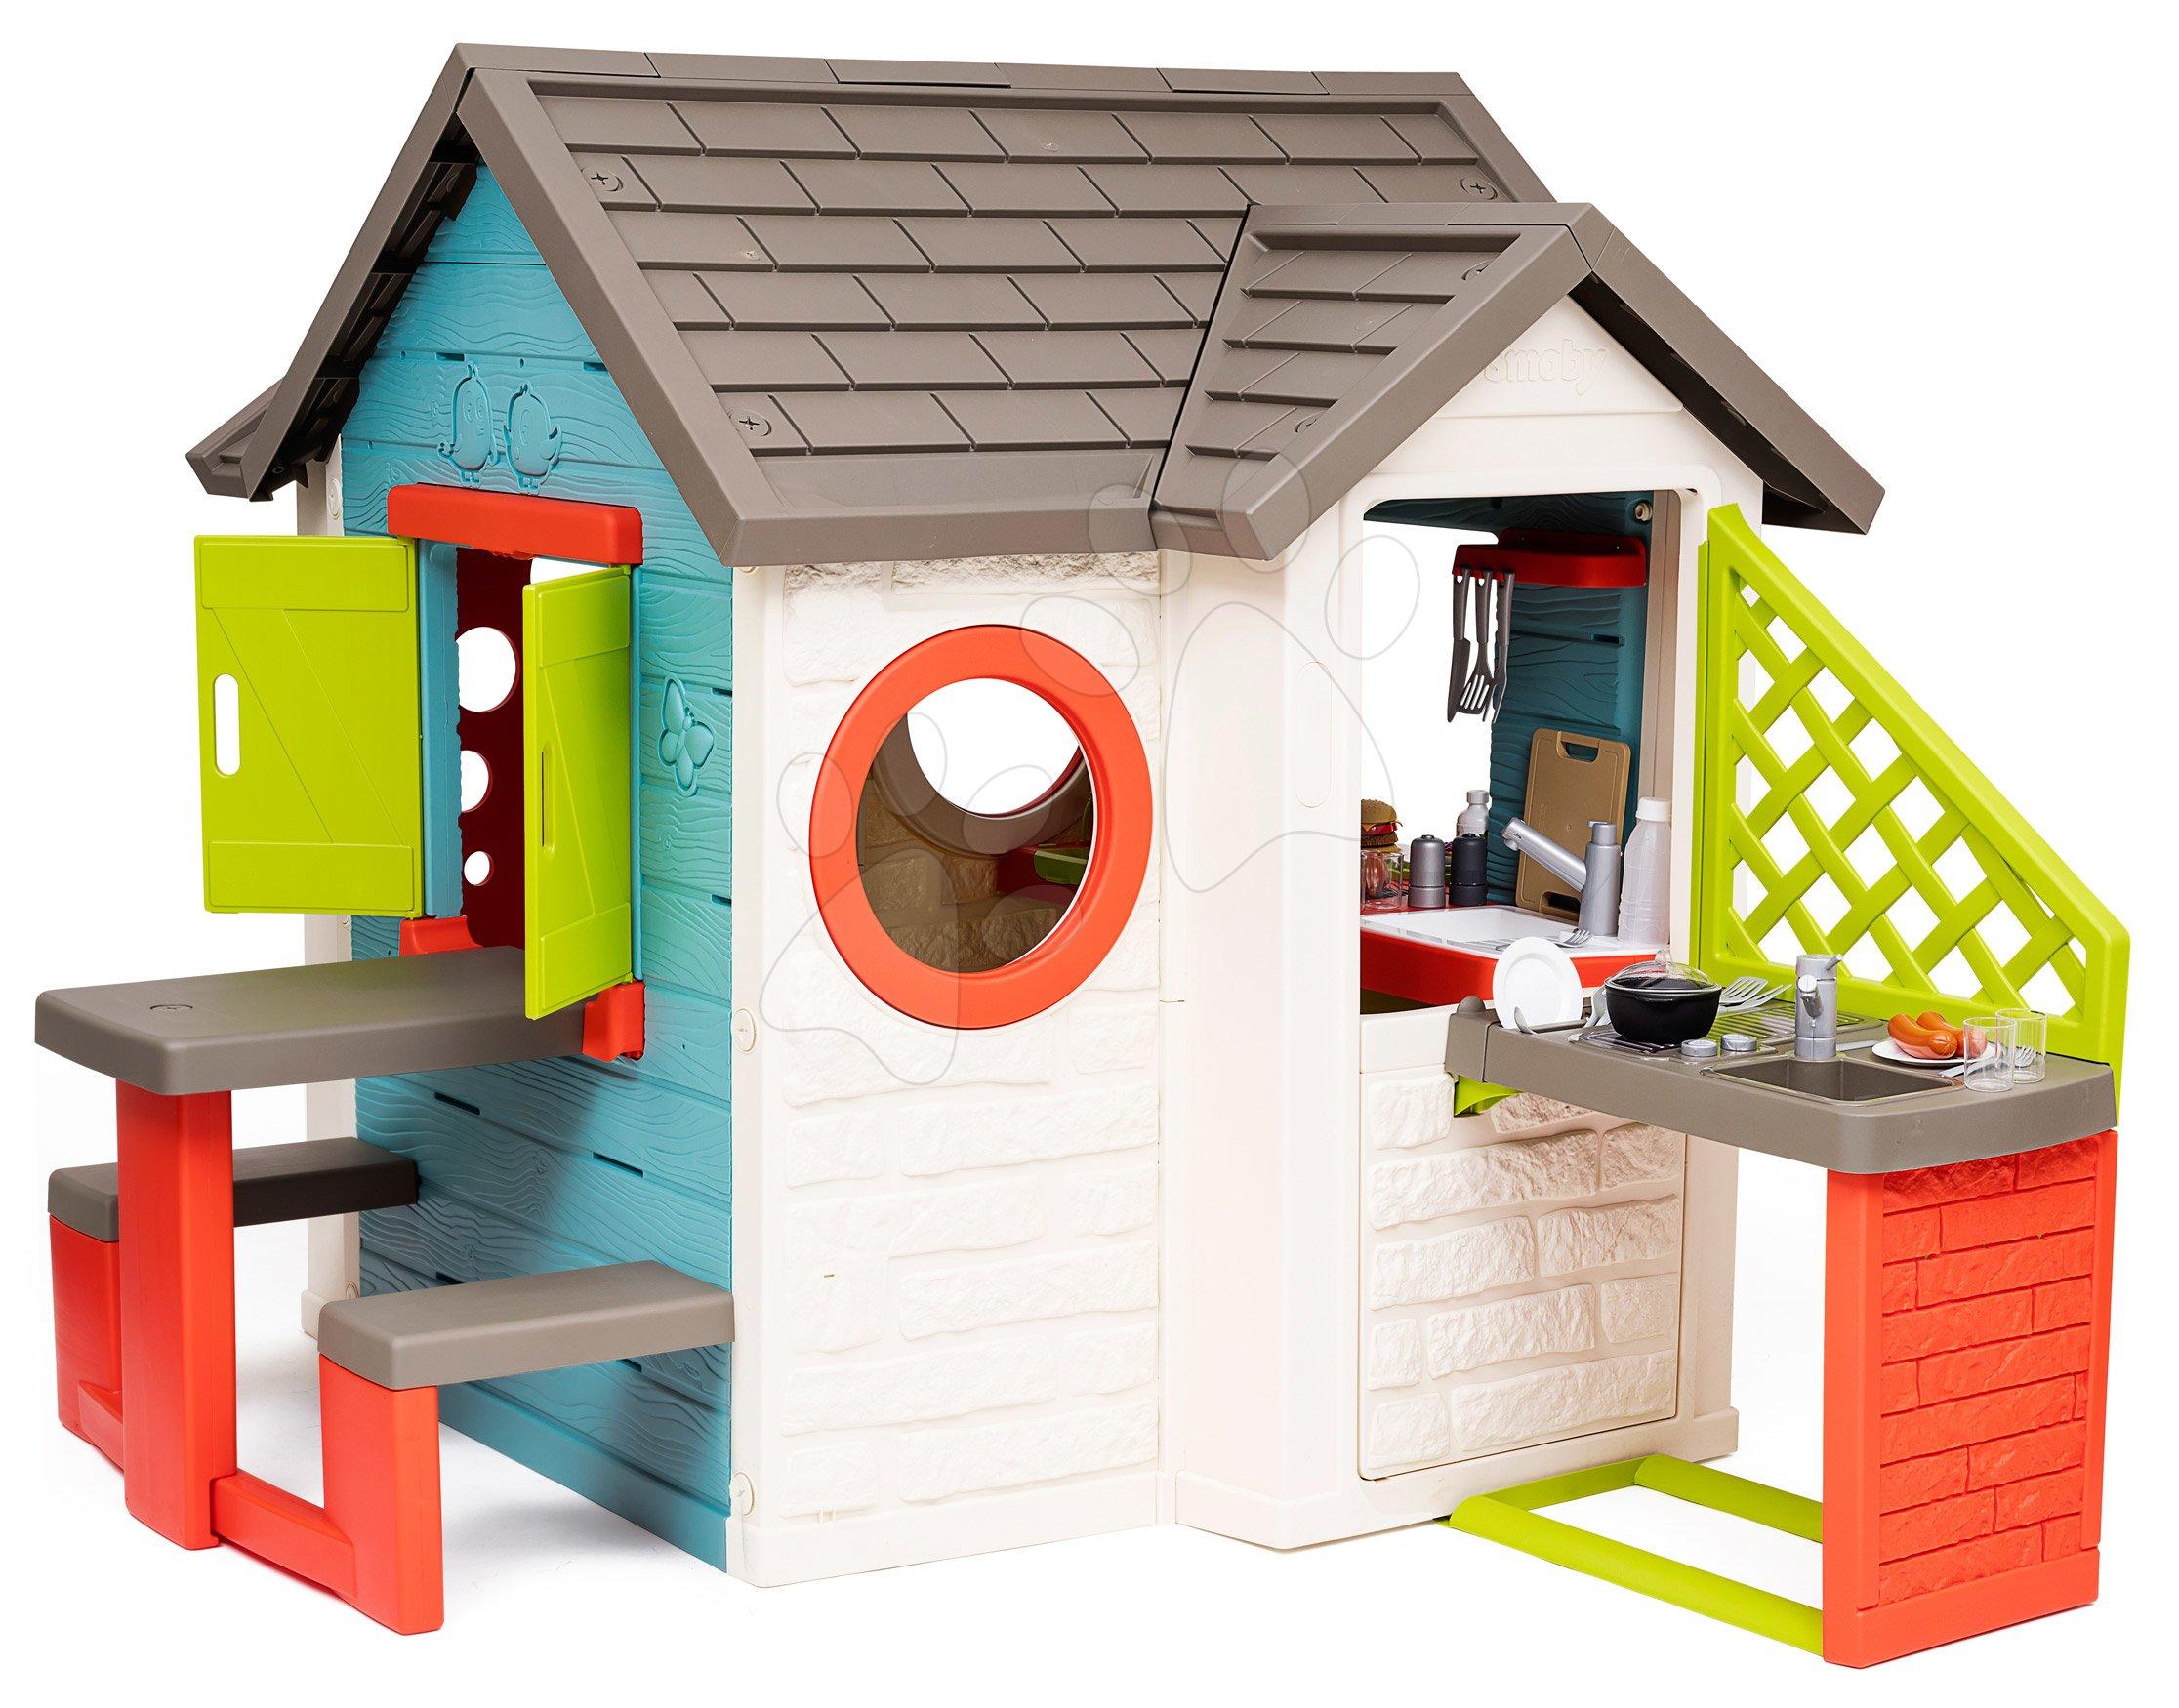 Házikó kerti büfével Chef House DeLuxe Smoby nyári konyhácskával és piknik asztal padokkal